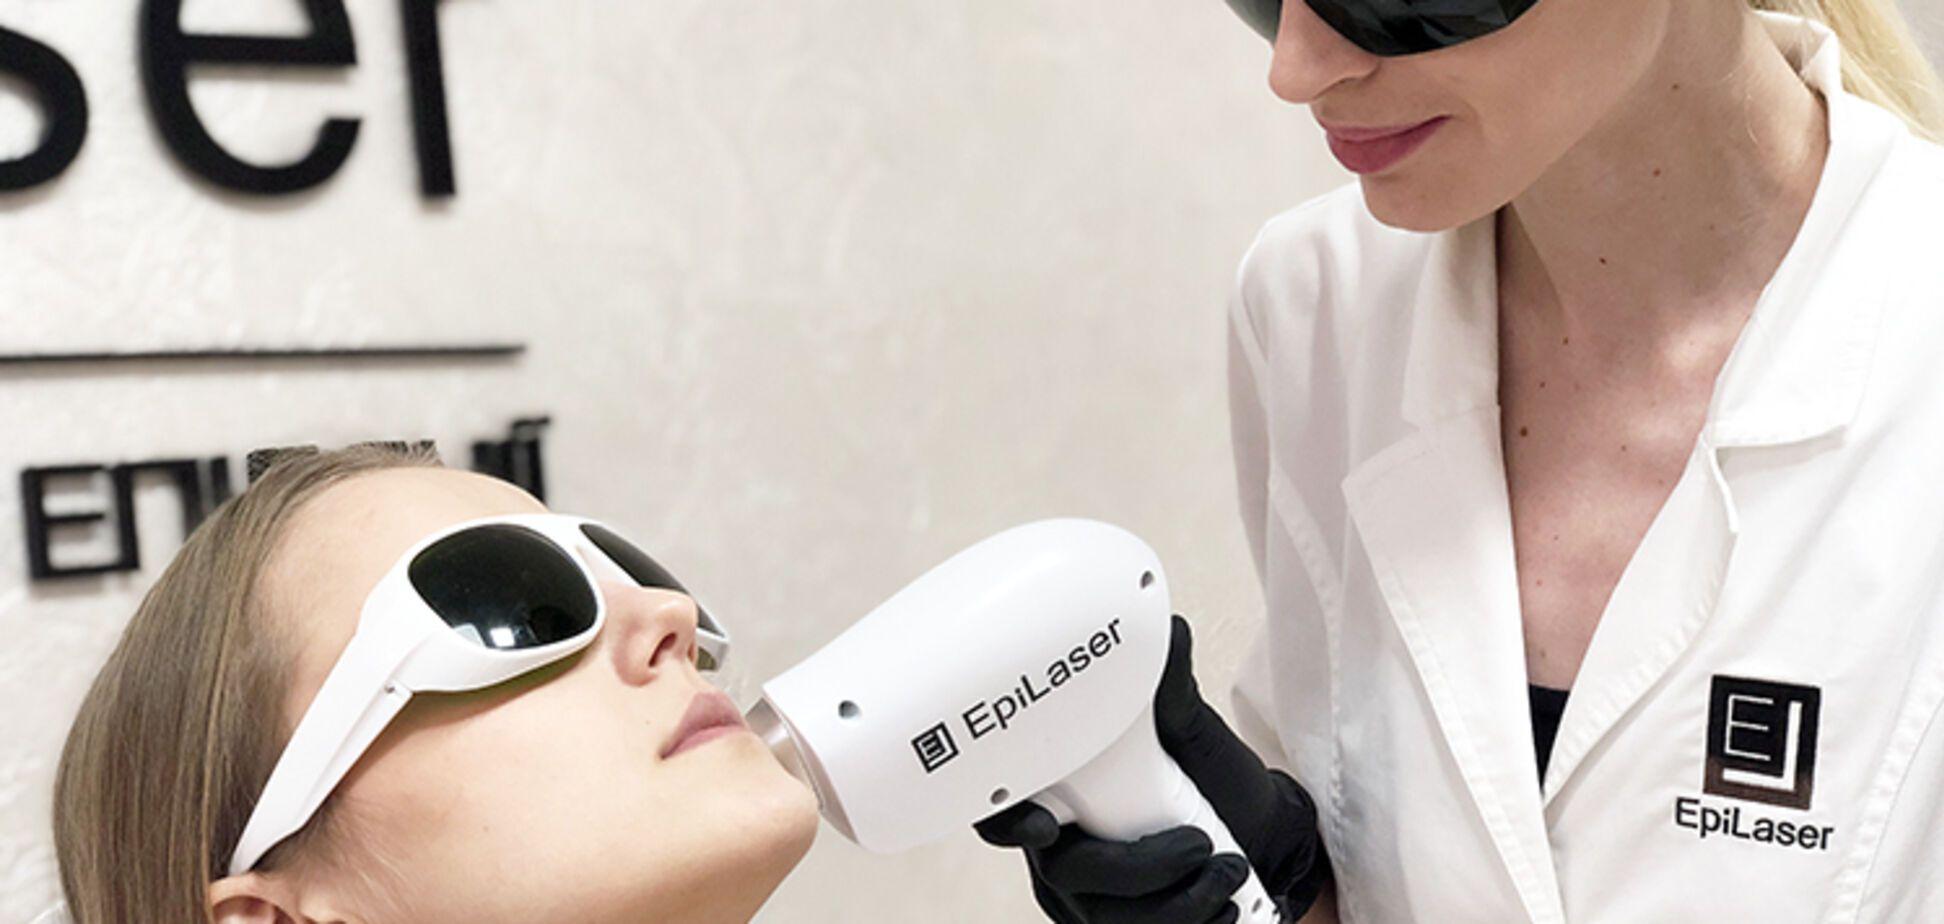 Лазерна епіляція безпечна та ефективна як для темного, так і для світлого волосся